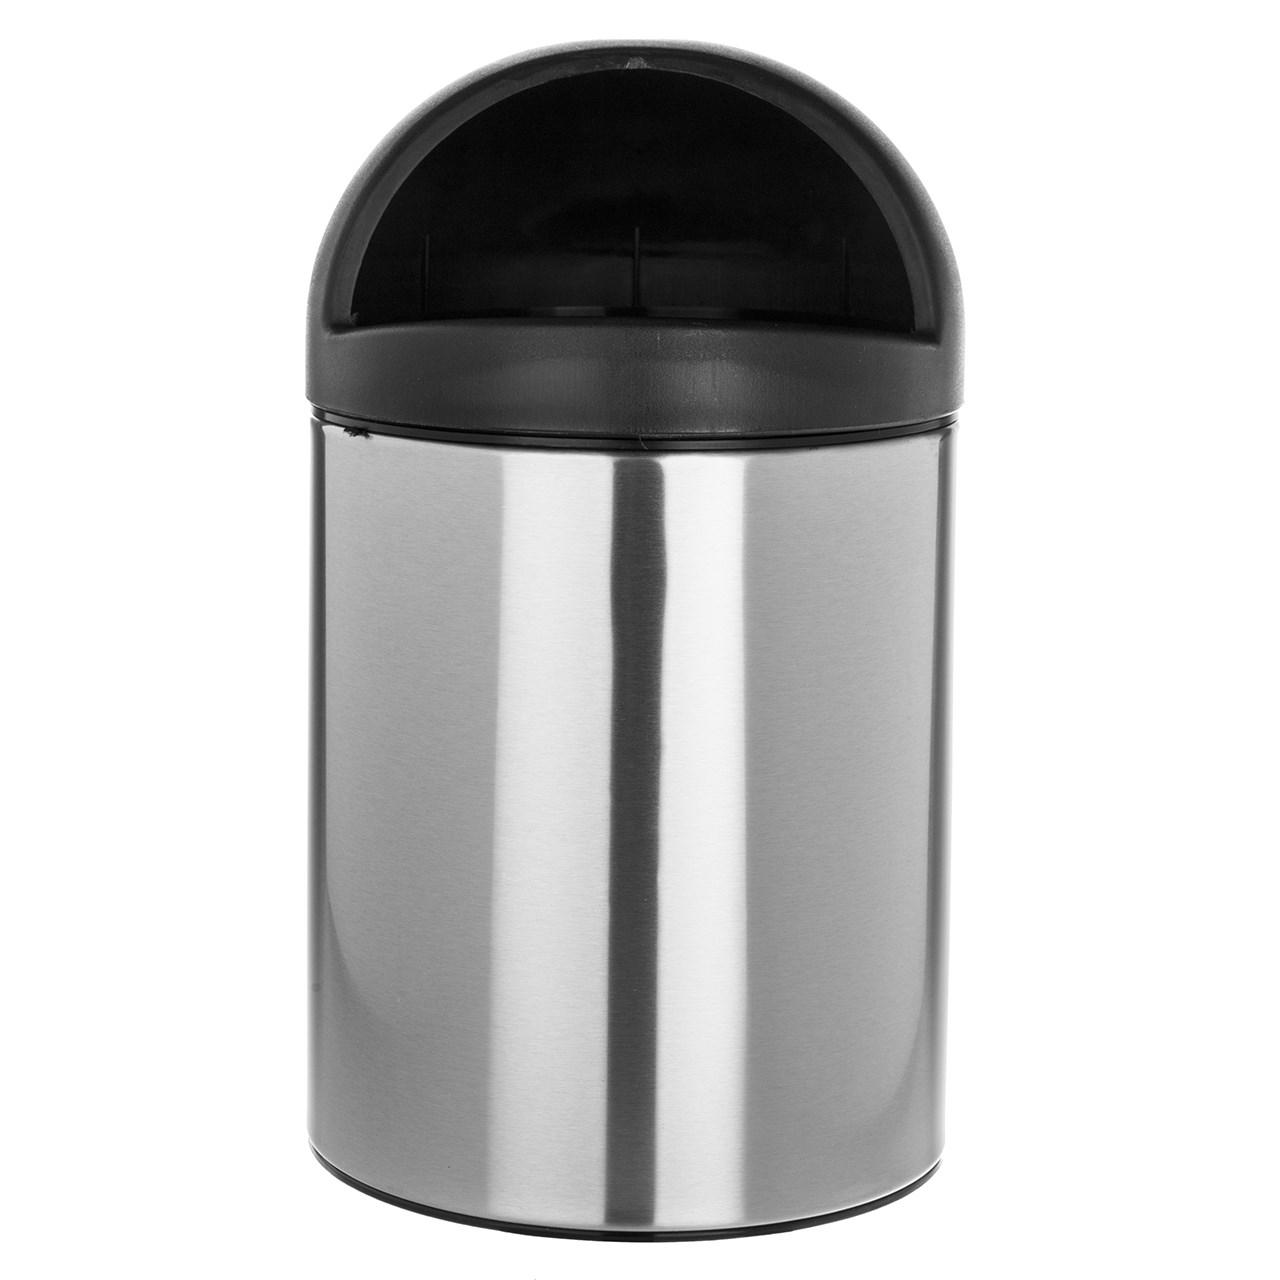 سطل زباله آکا الکتریک مدل Cup گنجایش 5 لیتر